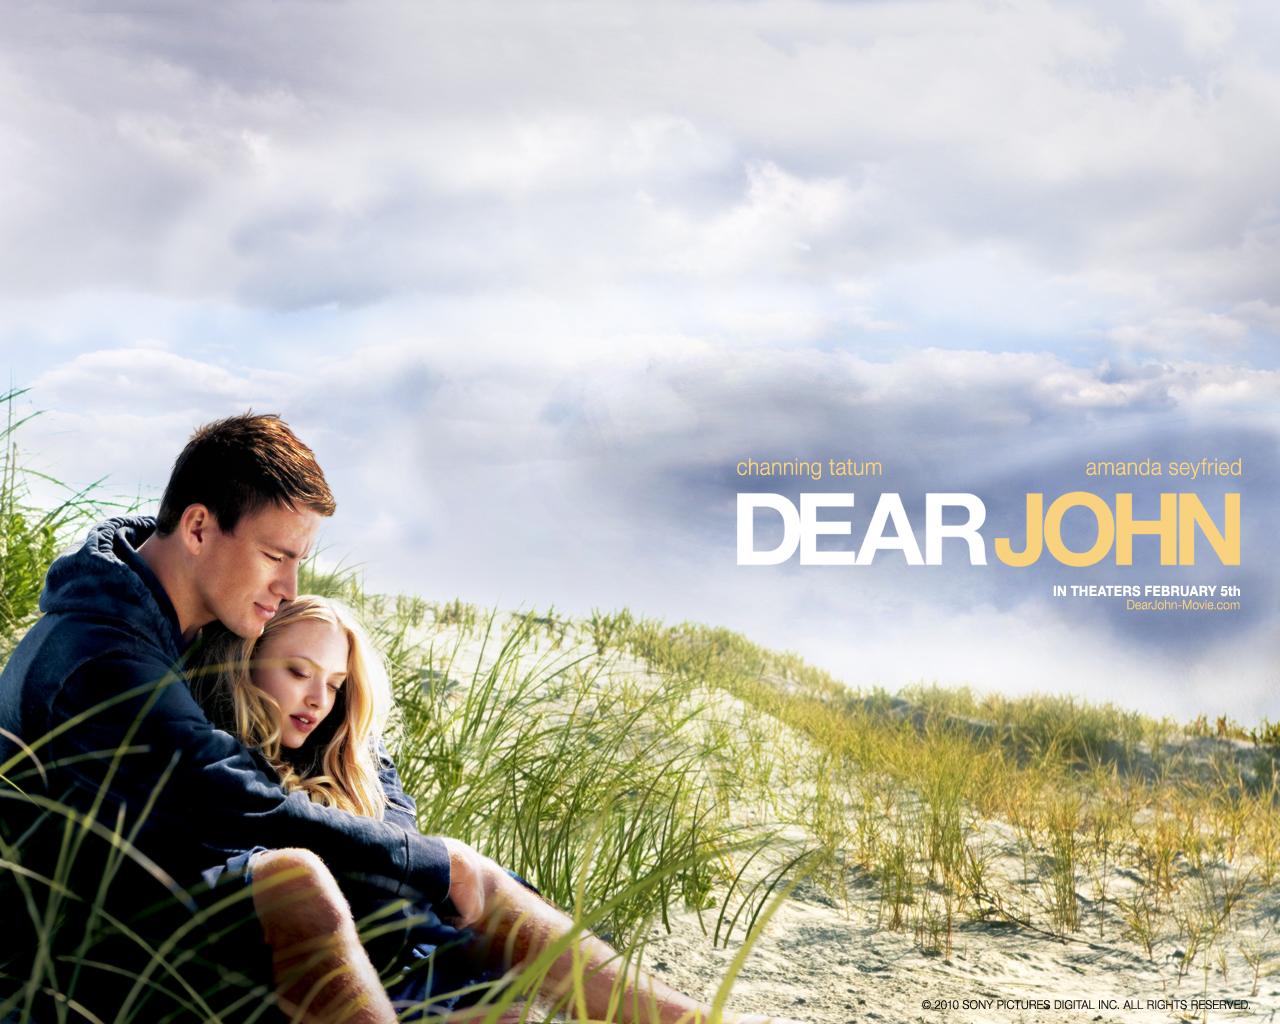 http://4.bp.blogspot.com/-LKYeULGO2ks/TeXS7eeGOdI/AAAAAAAAAjI/zVo9I4BVFPU/s1600/Dear_John_love-958743.jpeg